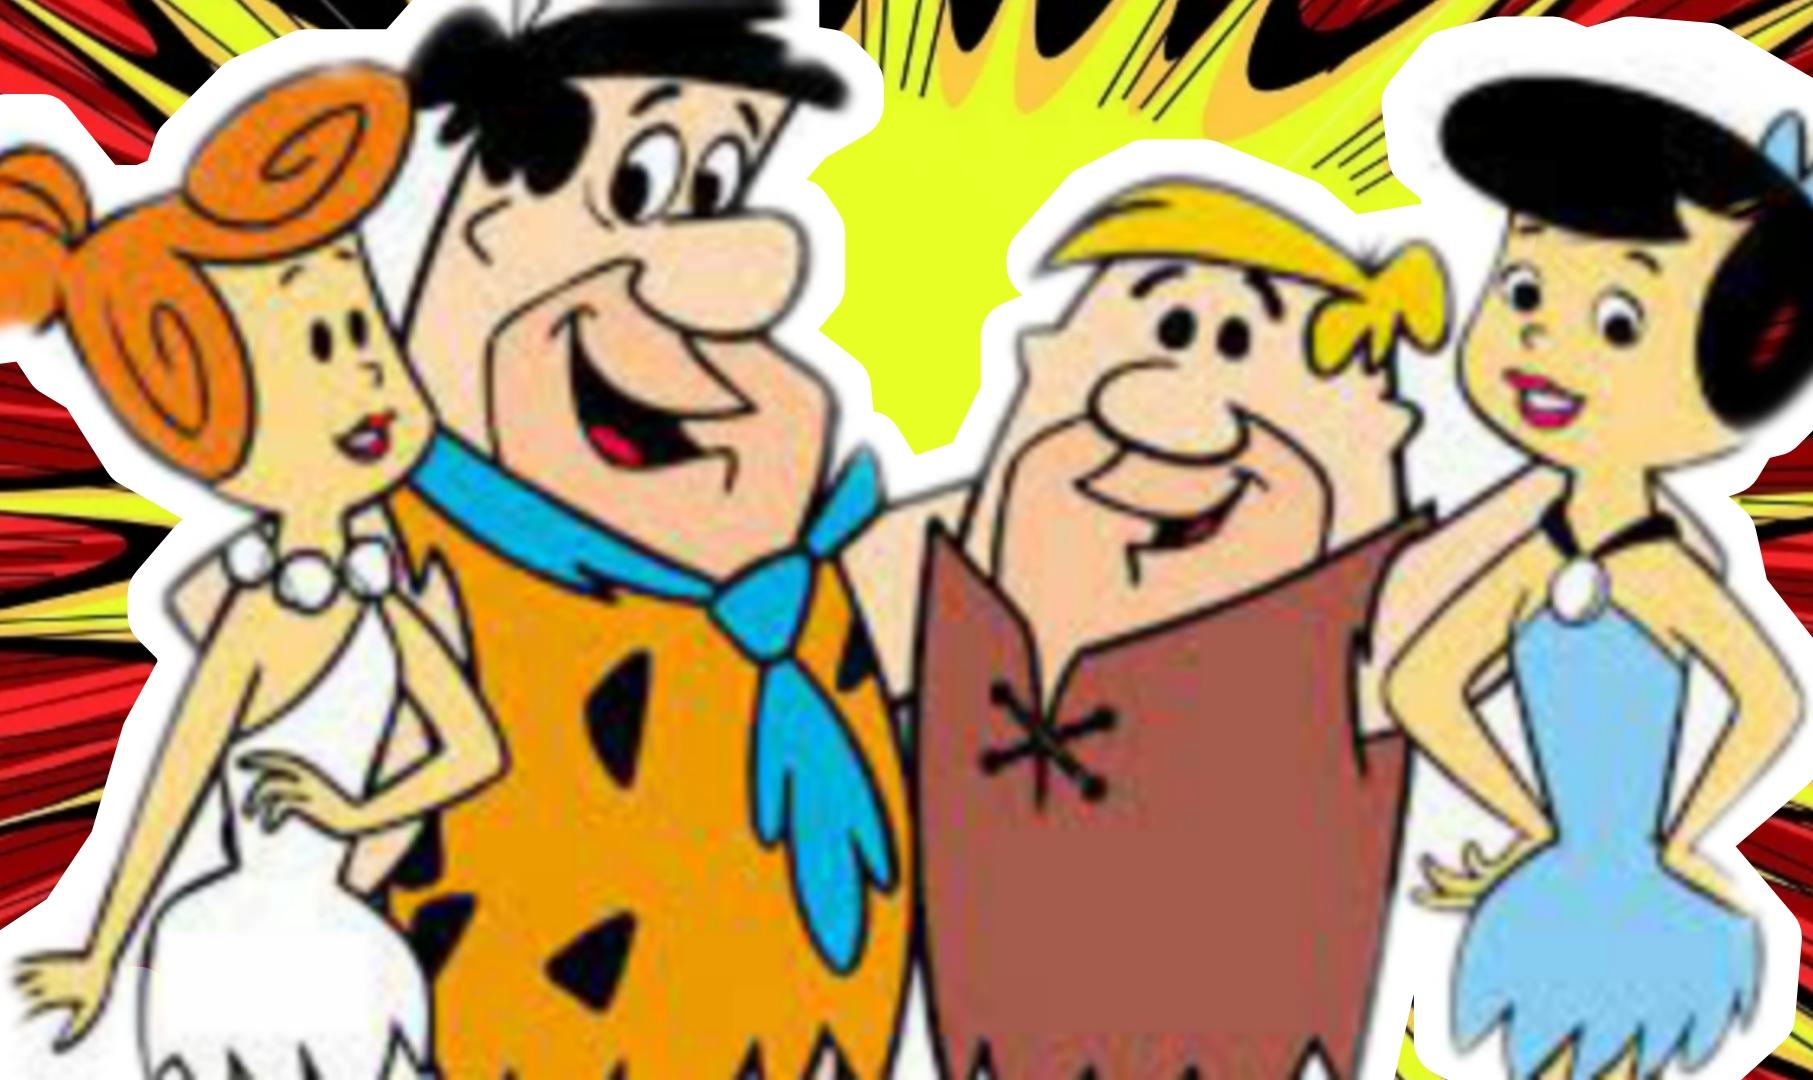 A imagem mostra da esquerda para a direita: a esposa Wilma, o marido Fred, o melhor amigo Barney e sua esposa Betty.